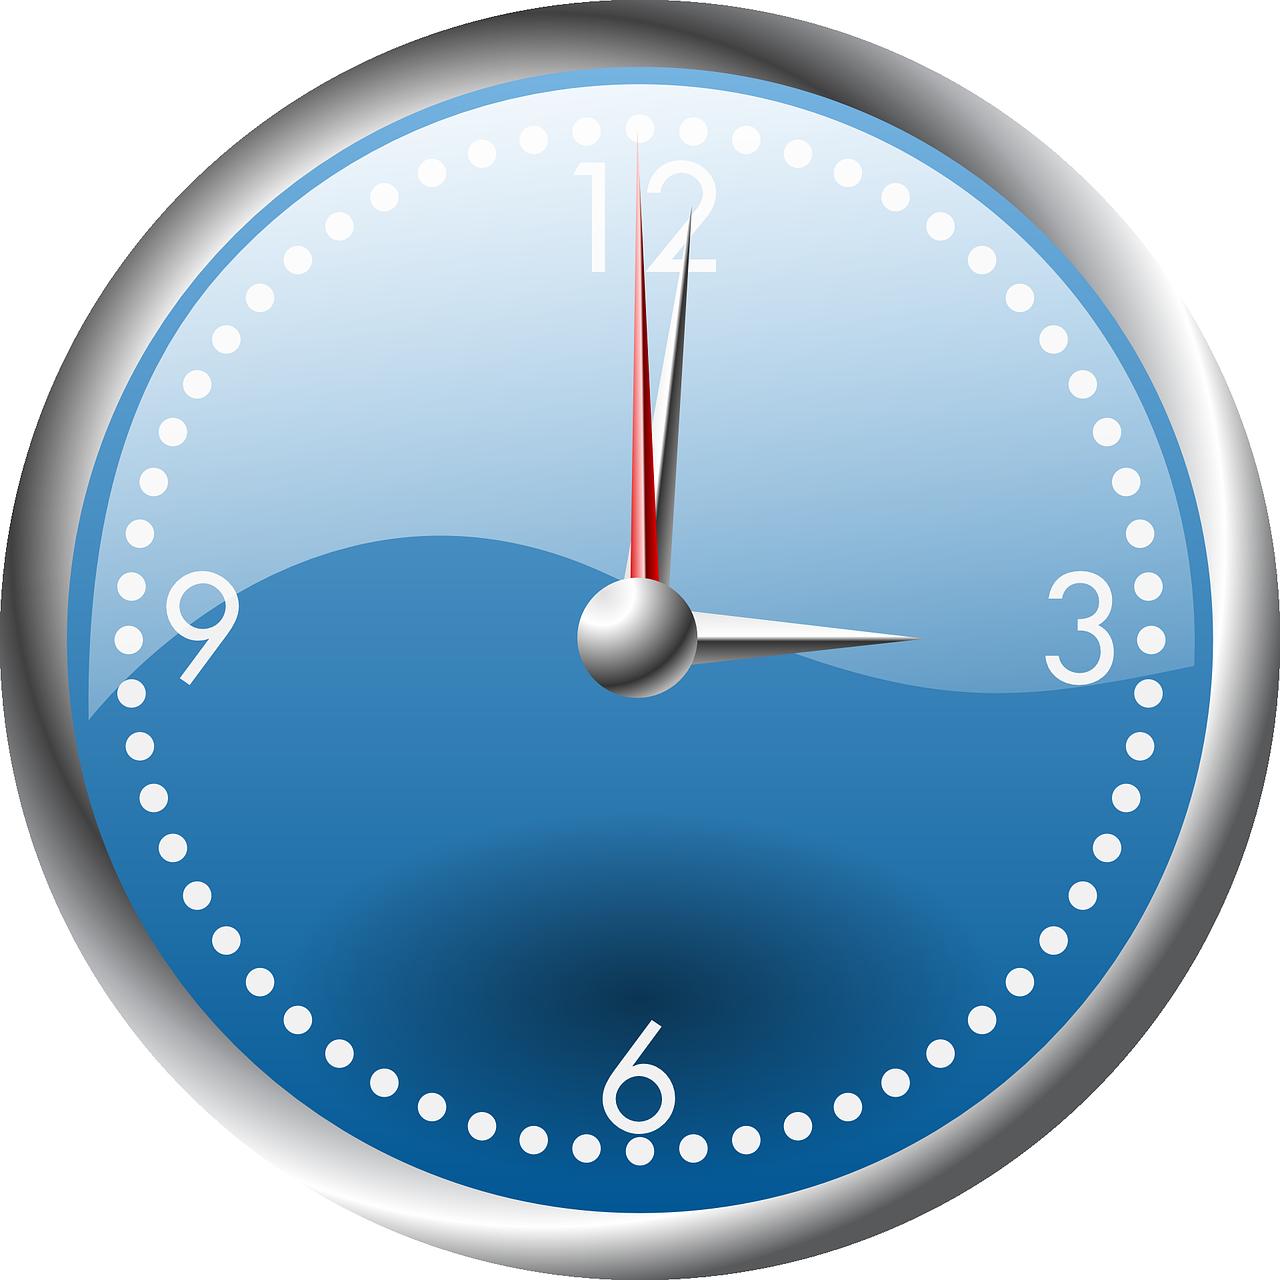 Время часы векторная картинка